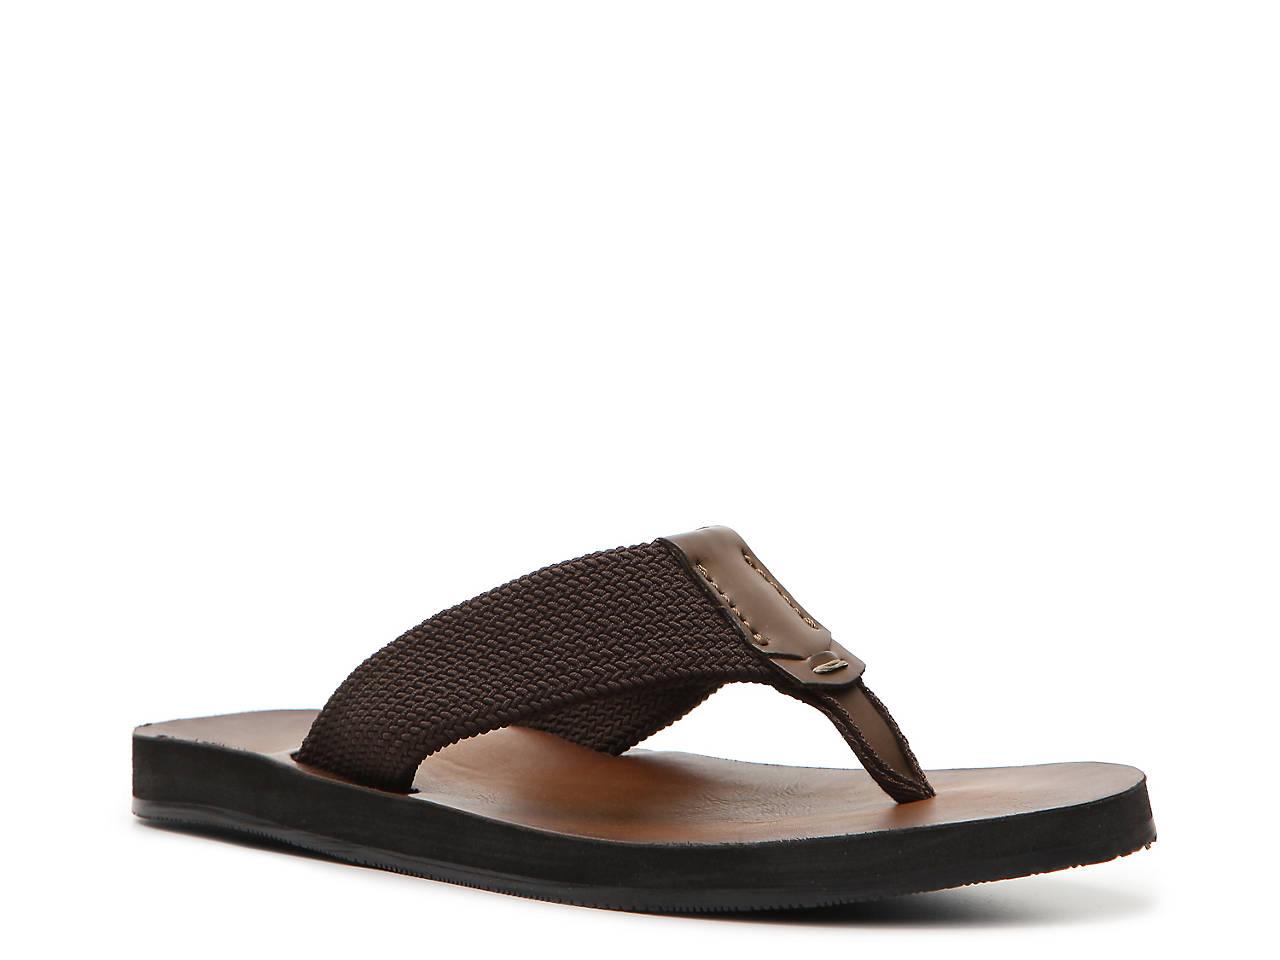 9f9559a47b65 Aldo Lararerien Flip Flop Men s Shoes